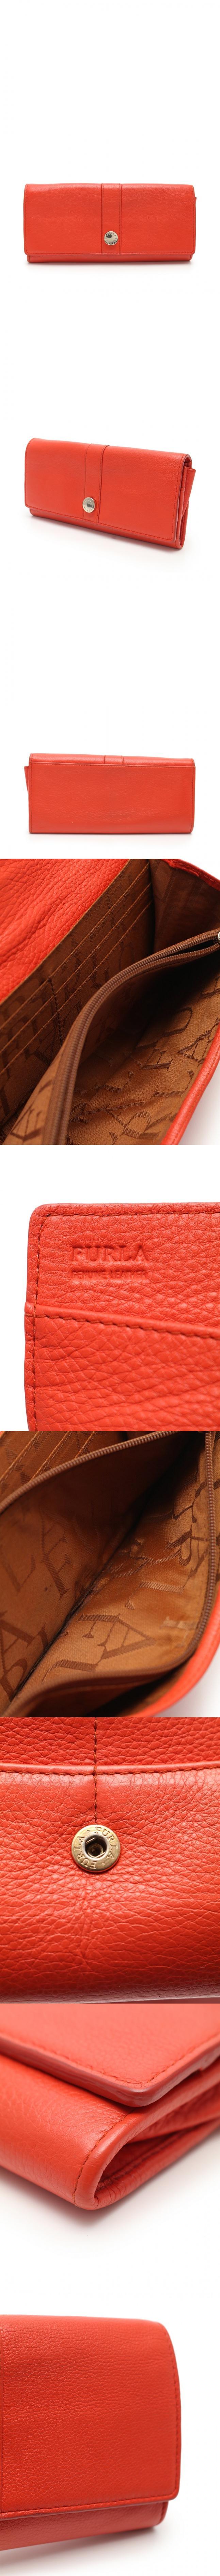 二つ折り長財布 オレンジ 小物 レザー